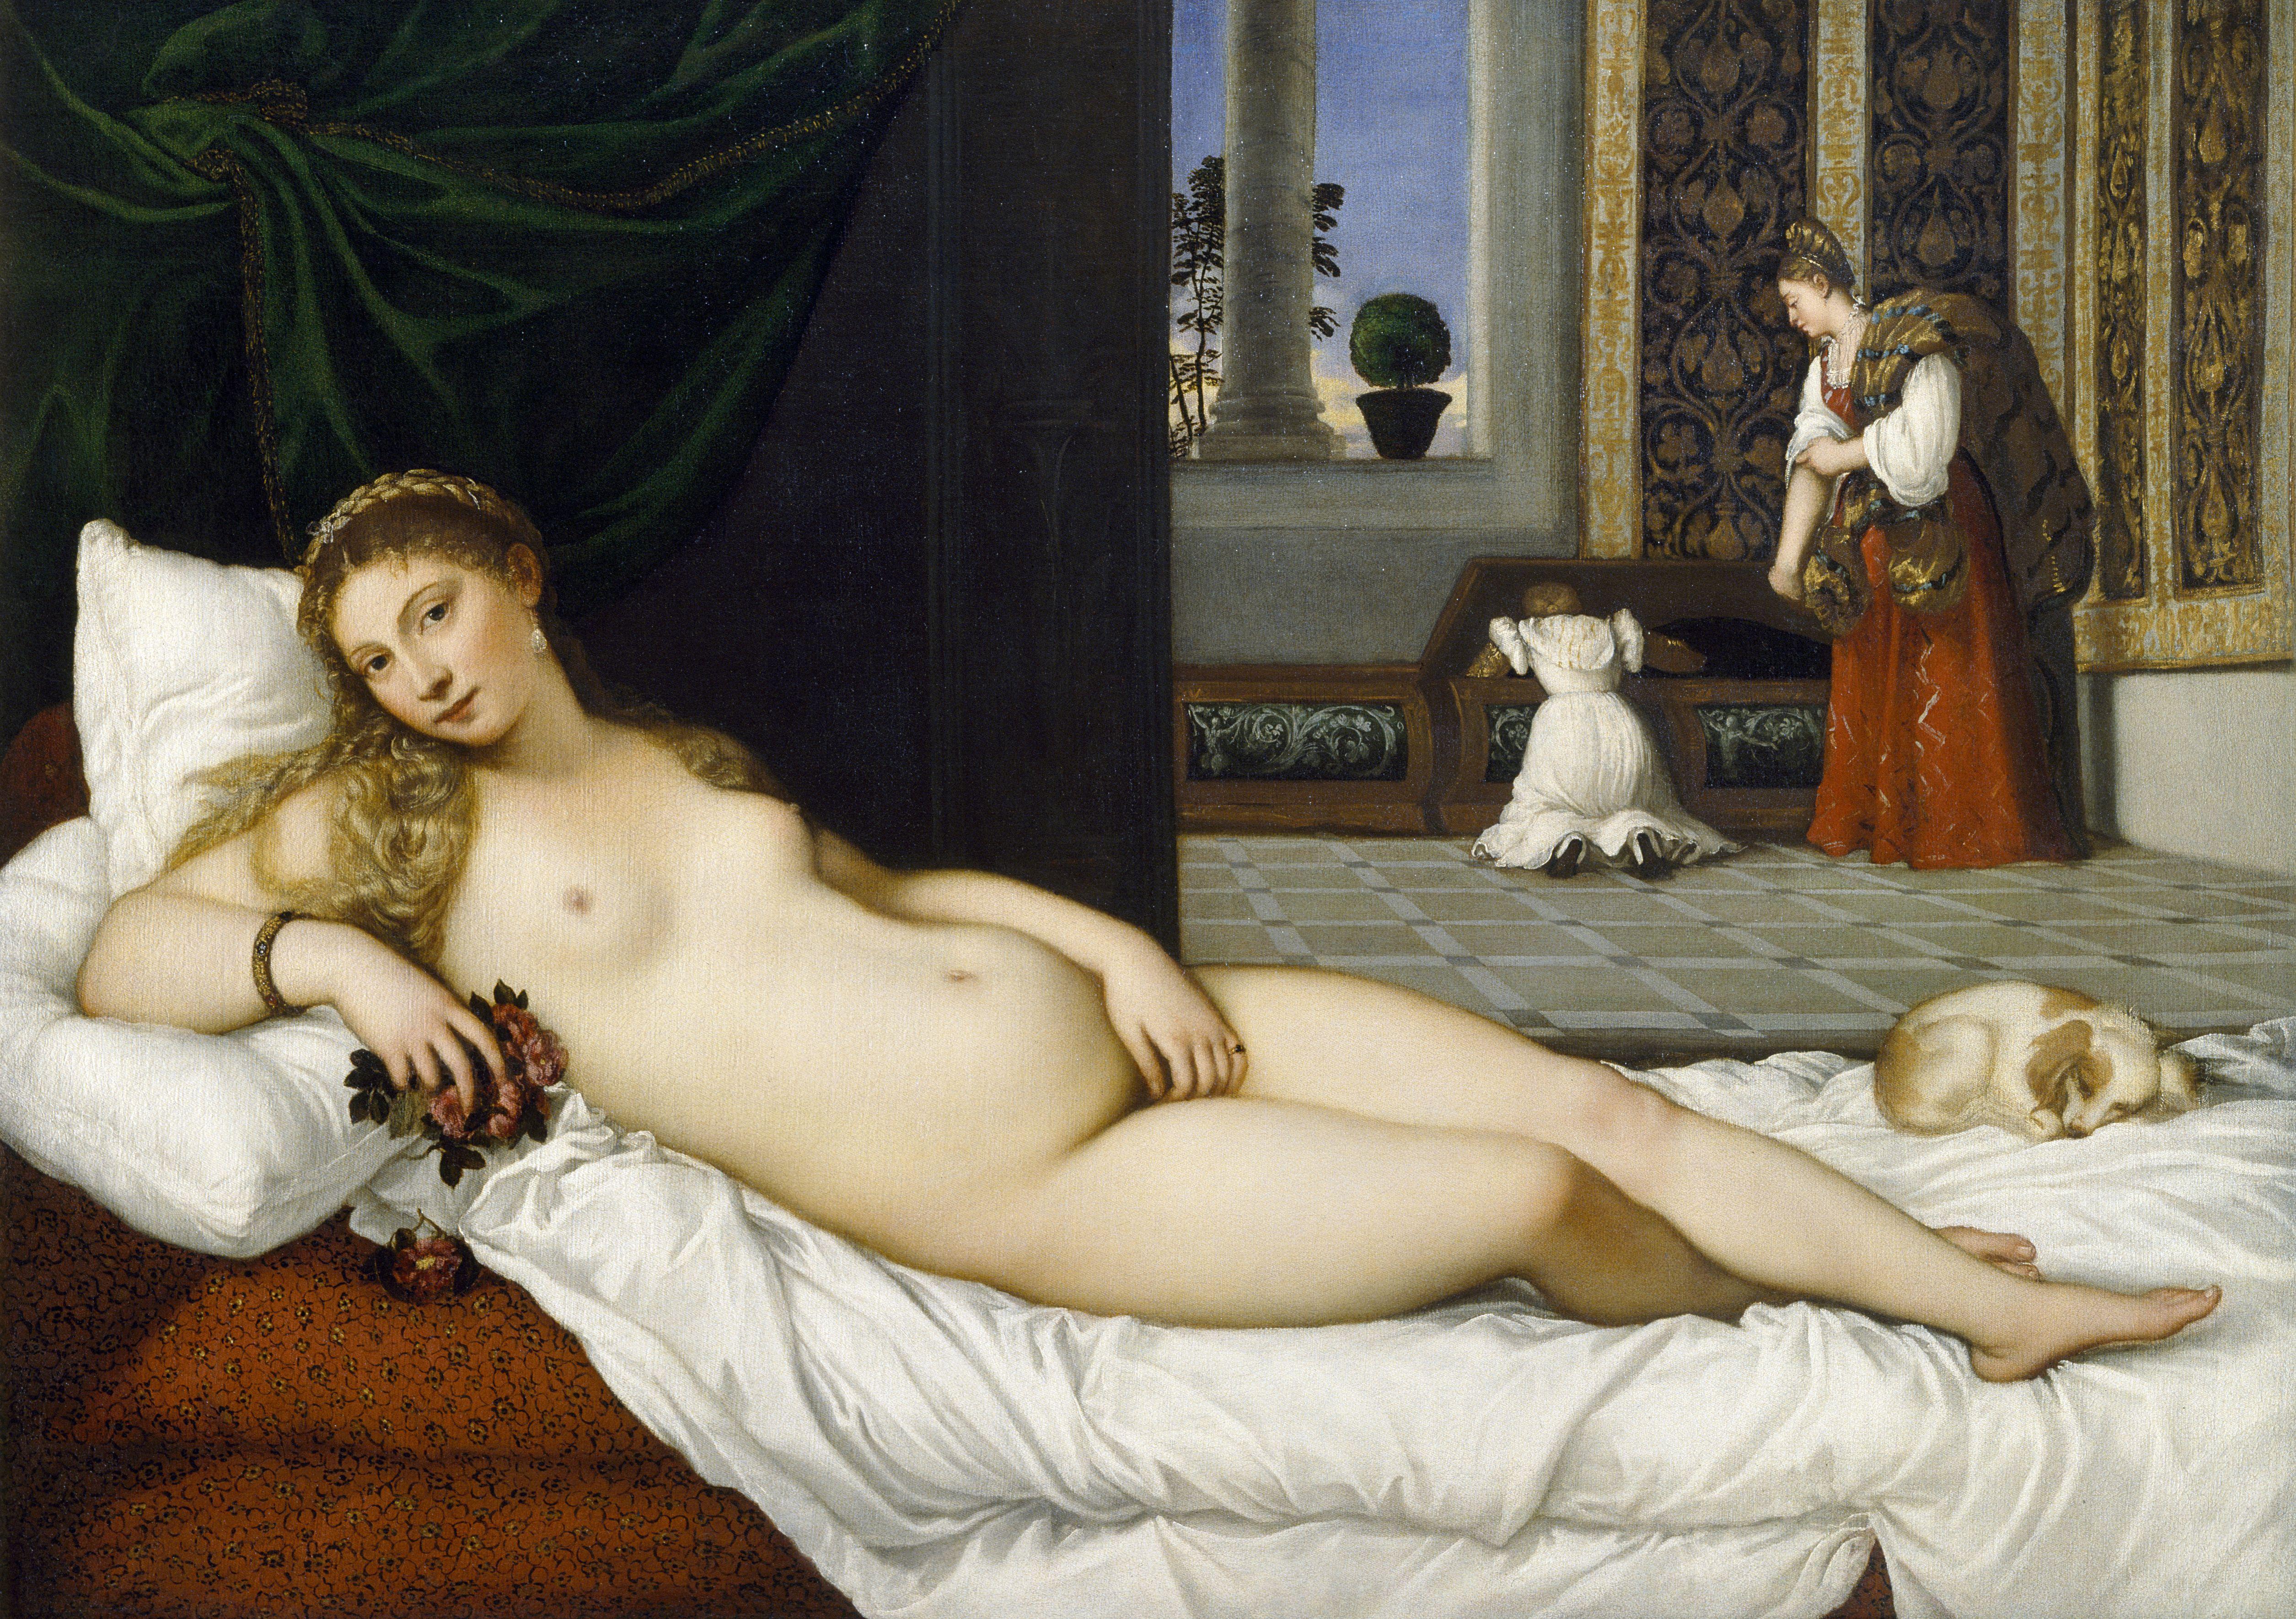 Titian Vecellio. 1488-1490 - 1576. Венера Урбинская. 1538. 119.2 х 165.5 см. Флоренция, Уффици